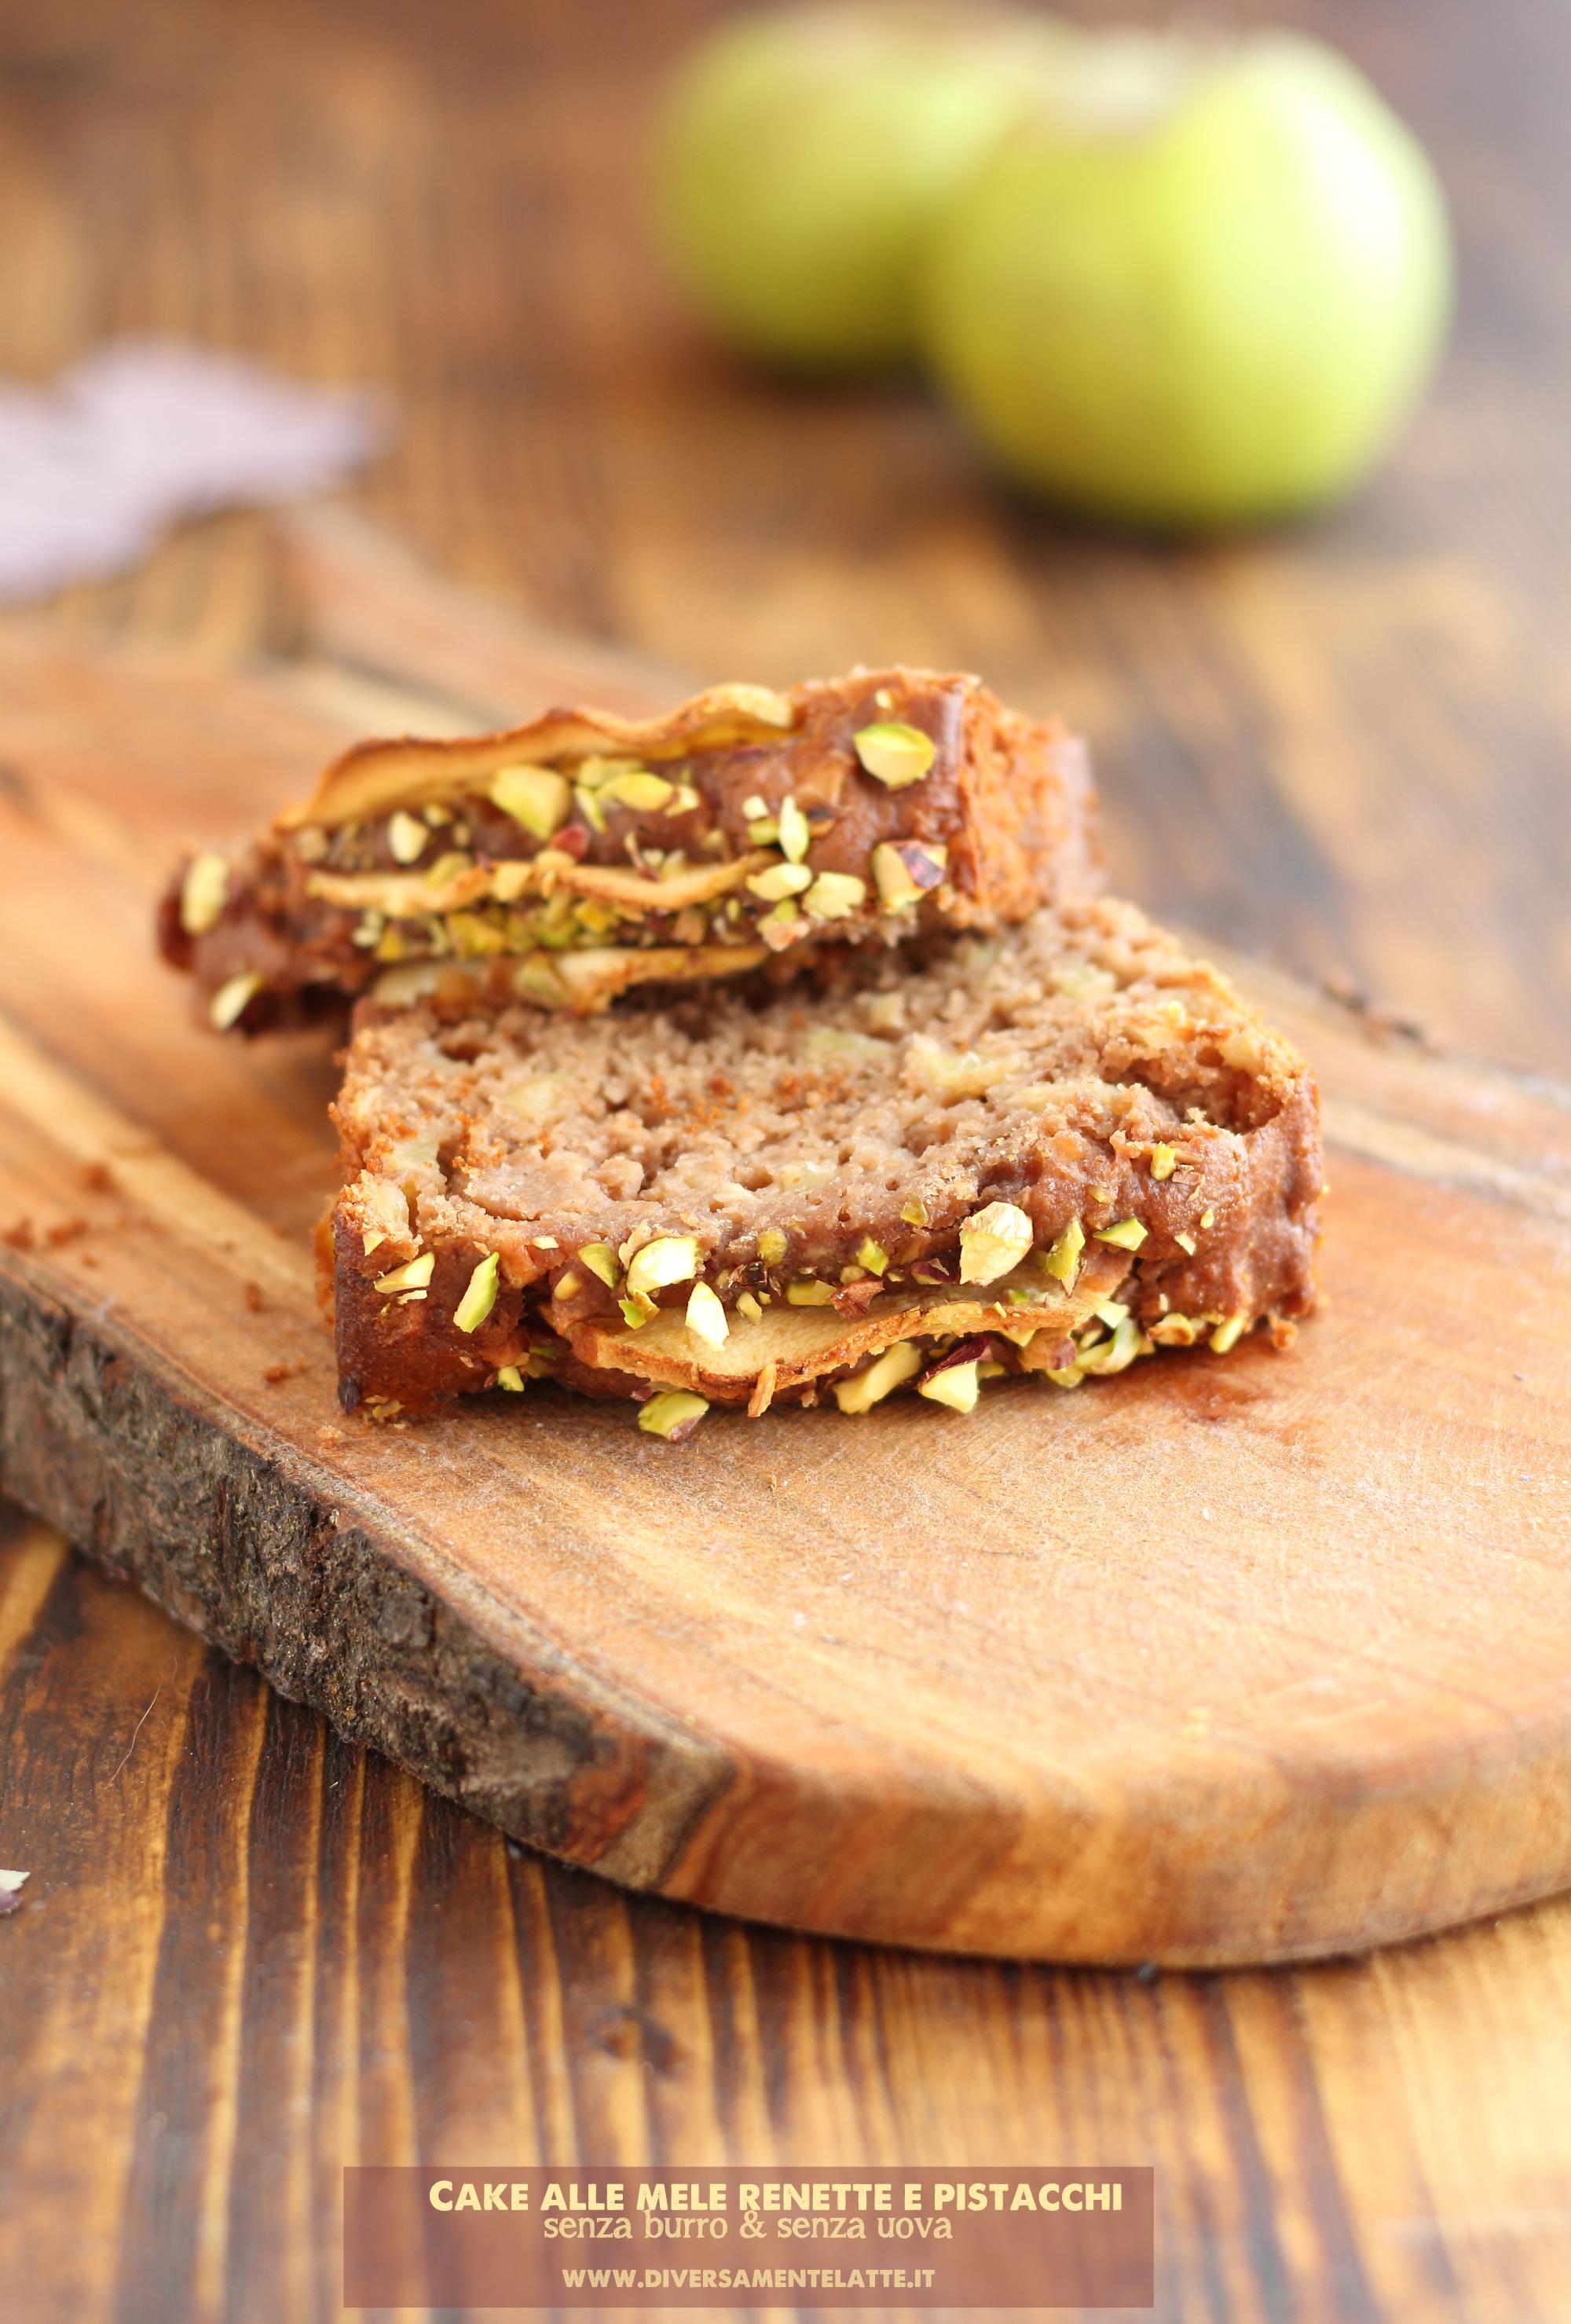 cake vegan alle mele renette e pistacchi